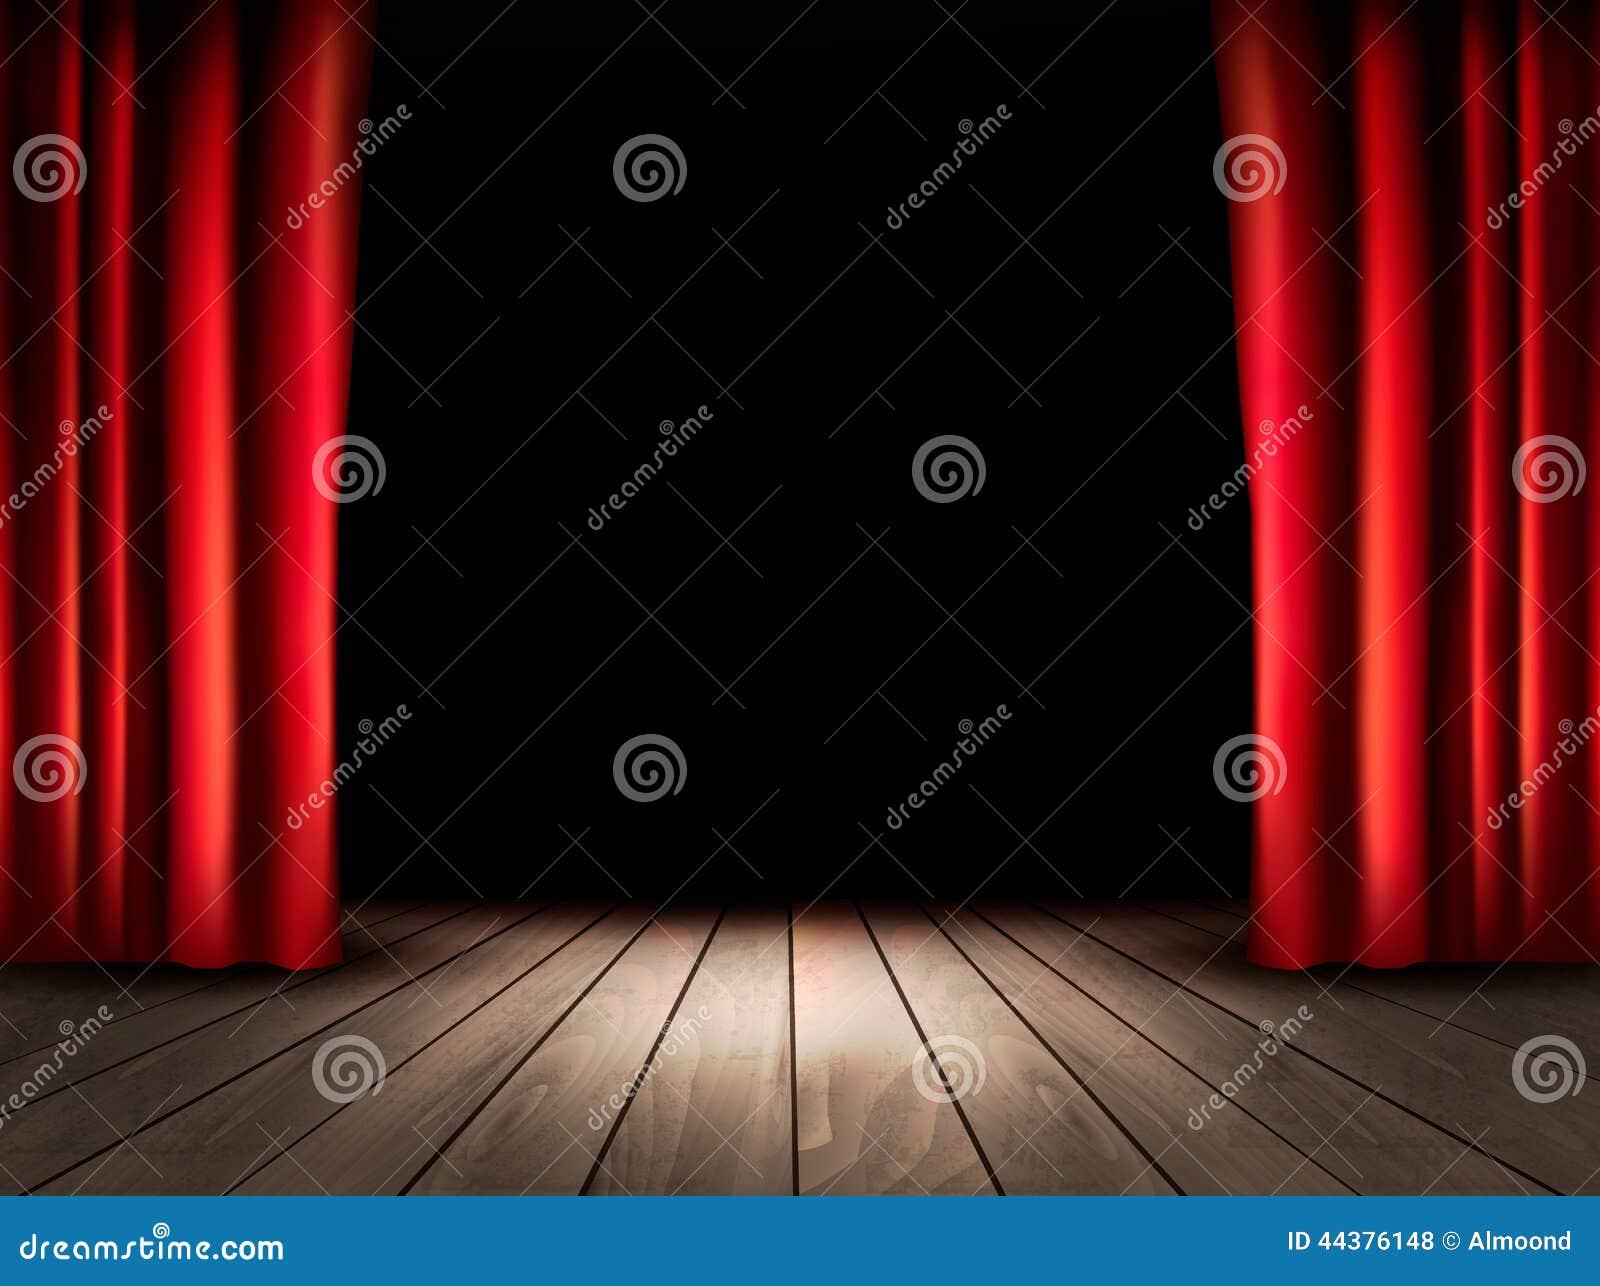 download theaterstadium met houten vloer en rode gordijnen vector illustratie illustratie bestaande uit achter